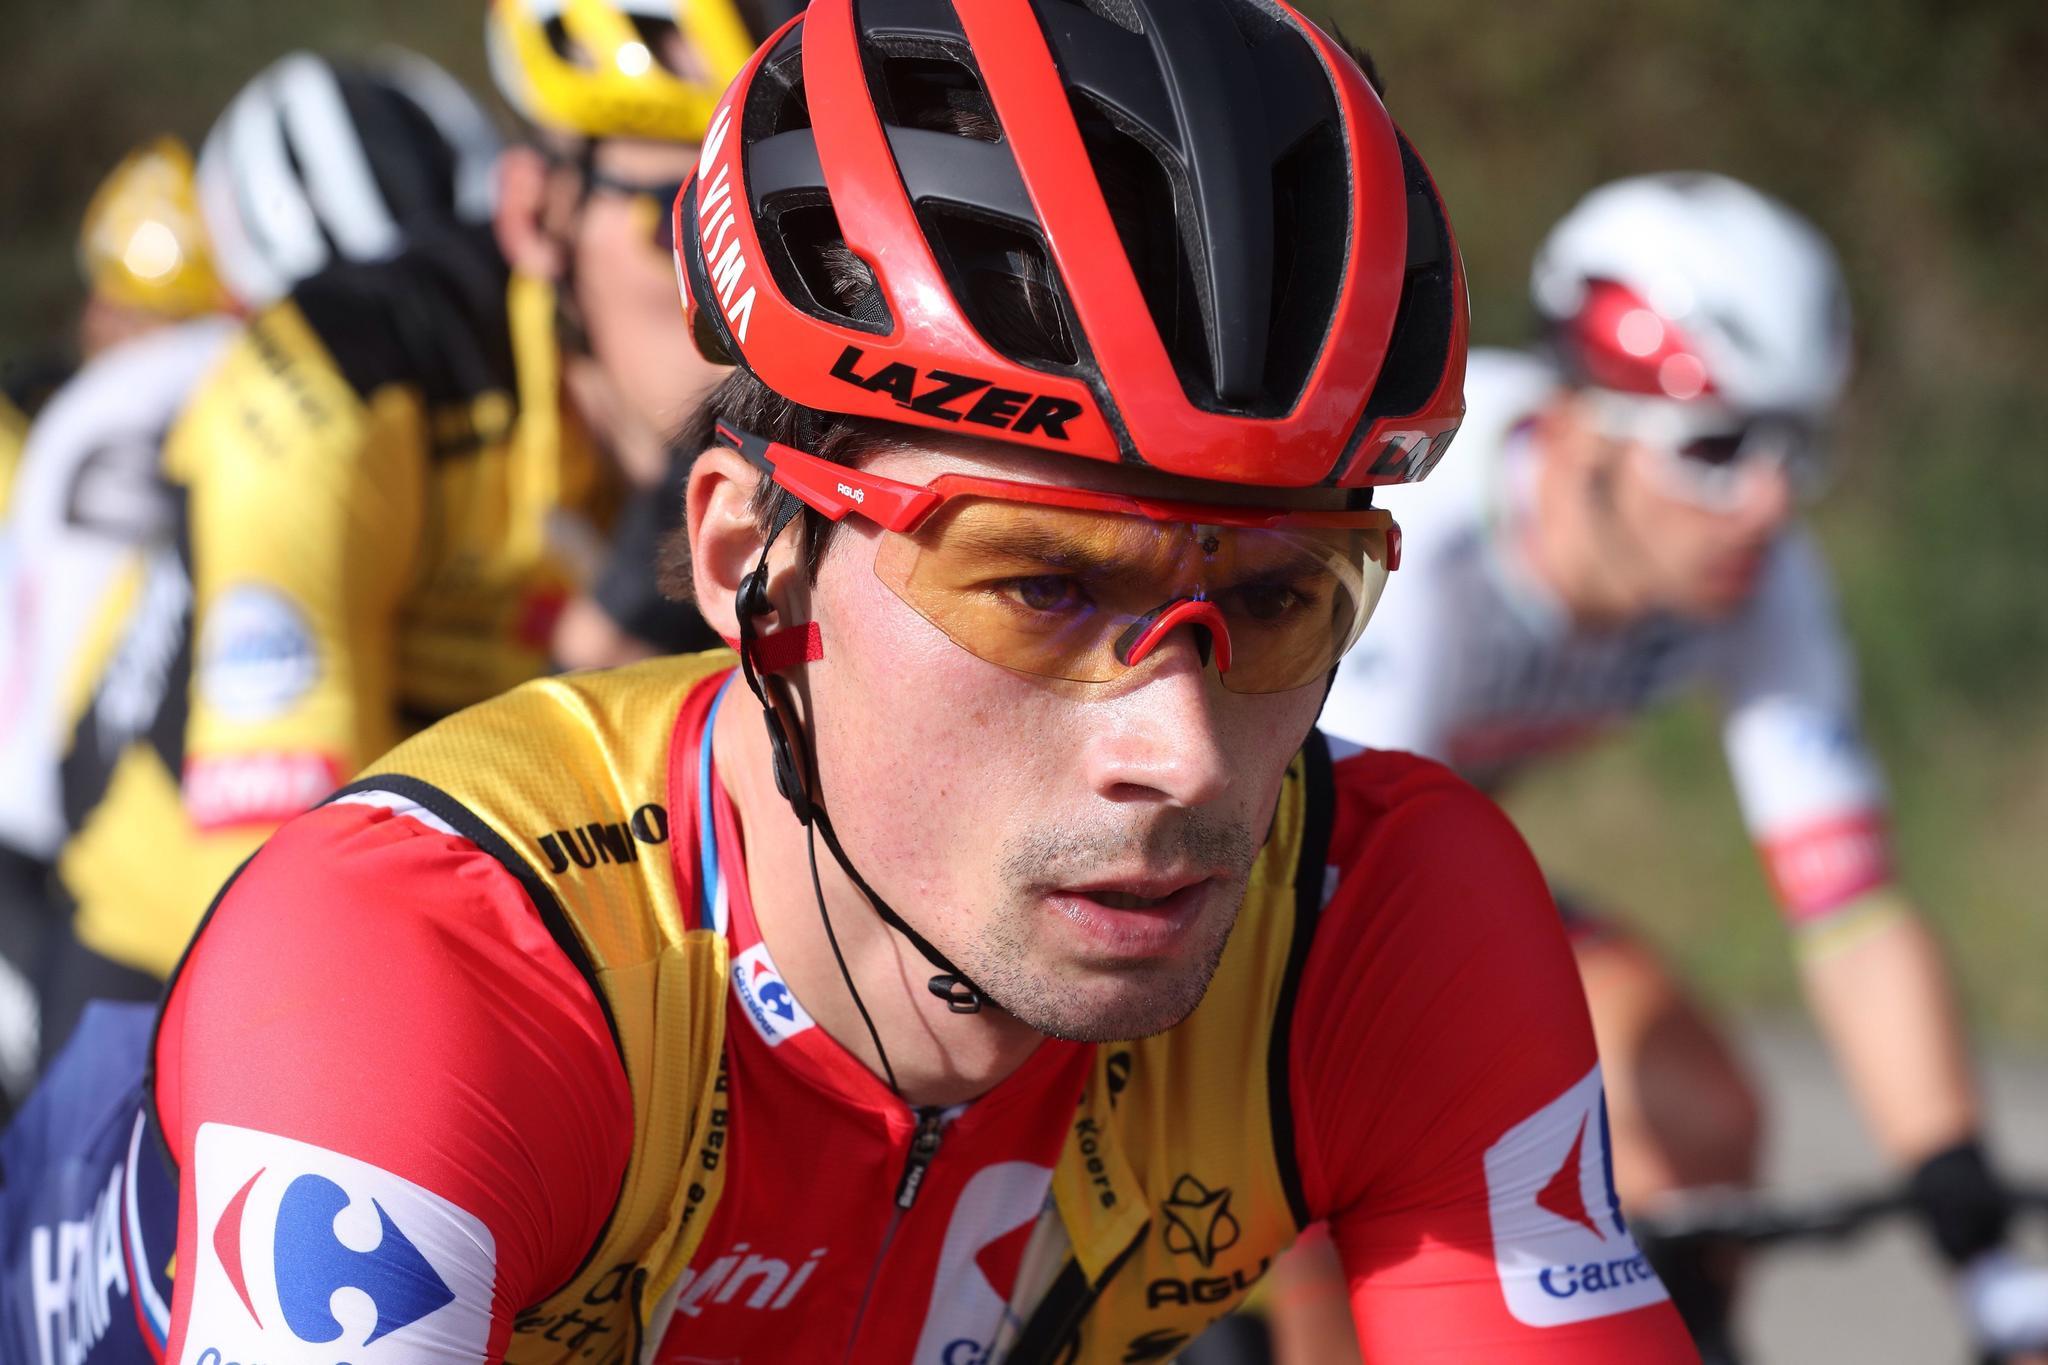 El líder de la Vuelta a España, el ciclista esloveno Primoz Roglic